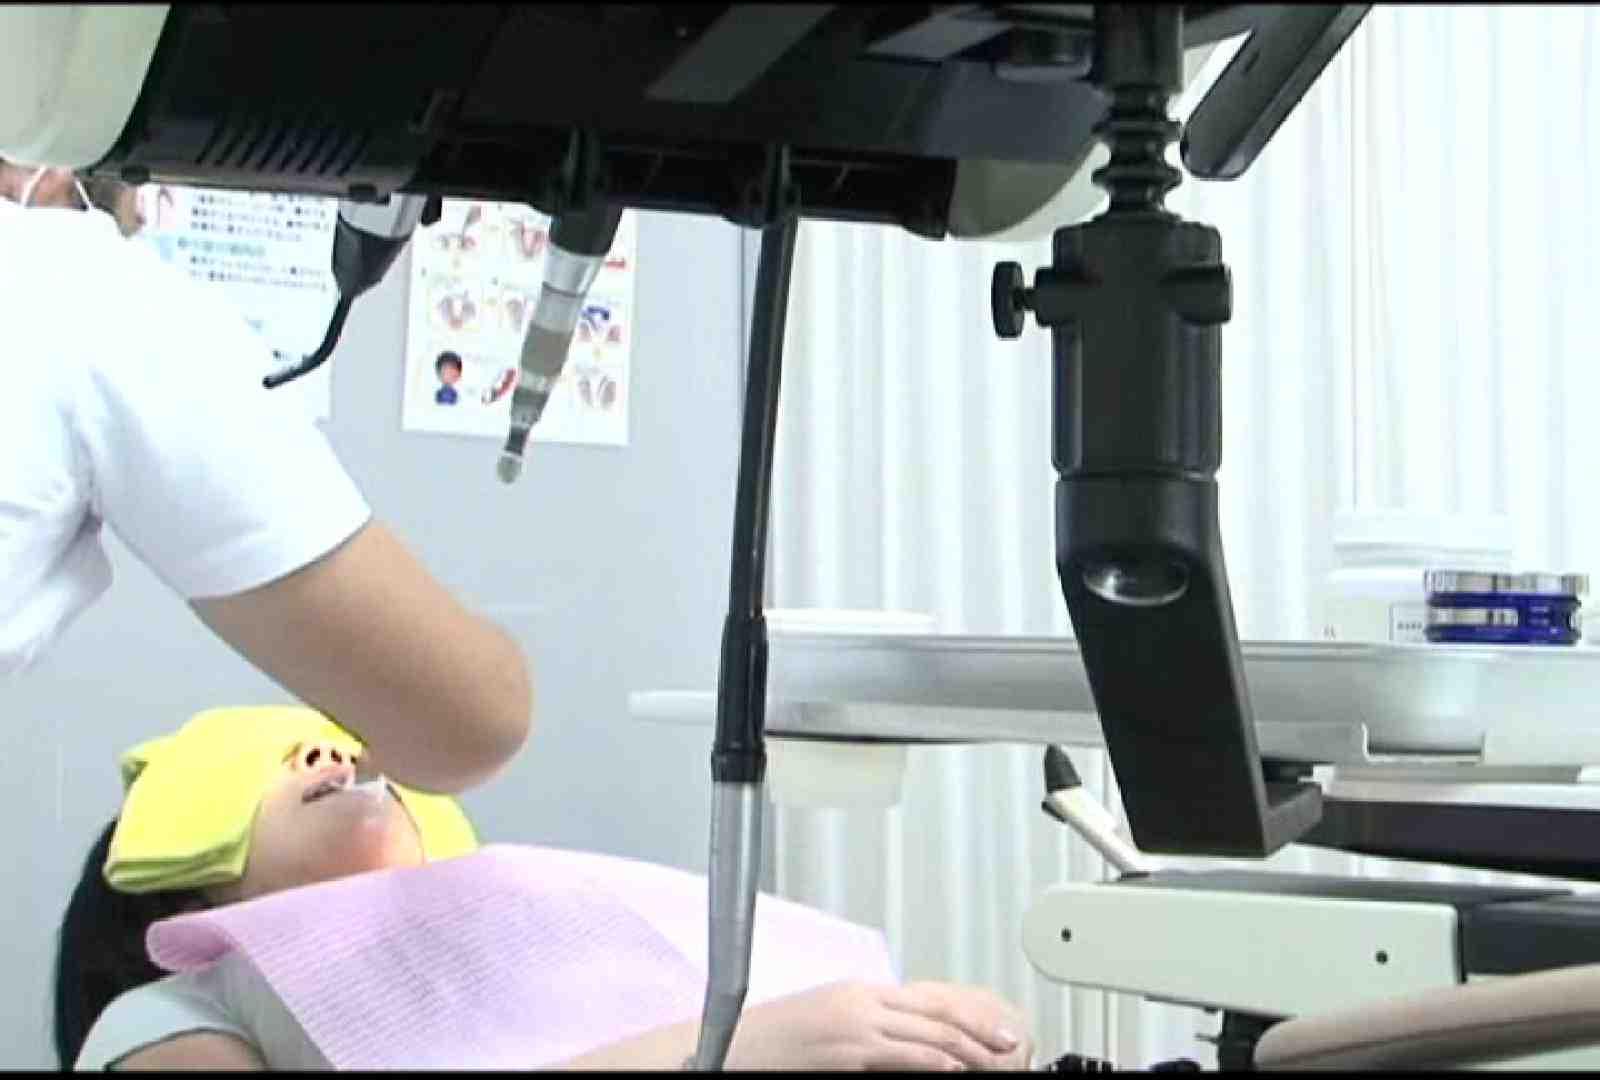 看護師が流出させた歯科医院接写パンツVol.3 OL女体 | パンツ  68連発 25